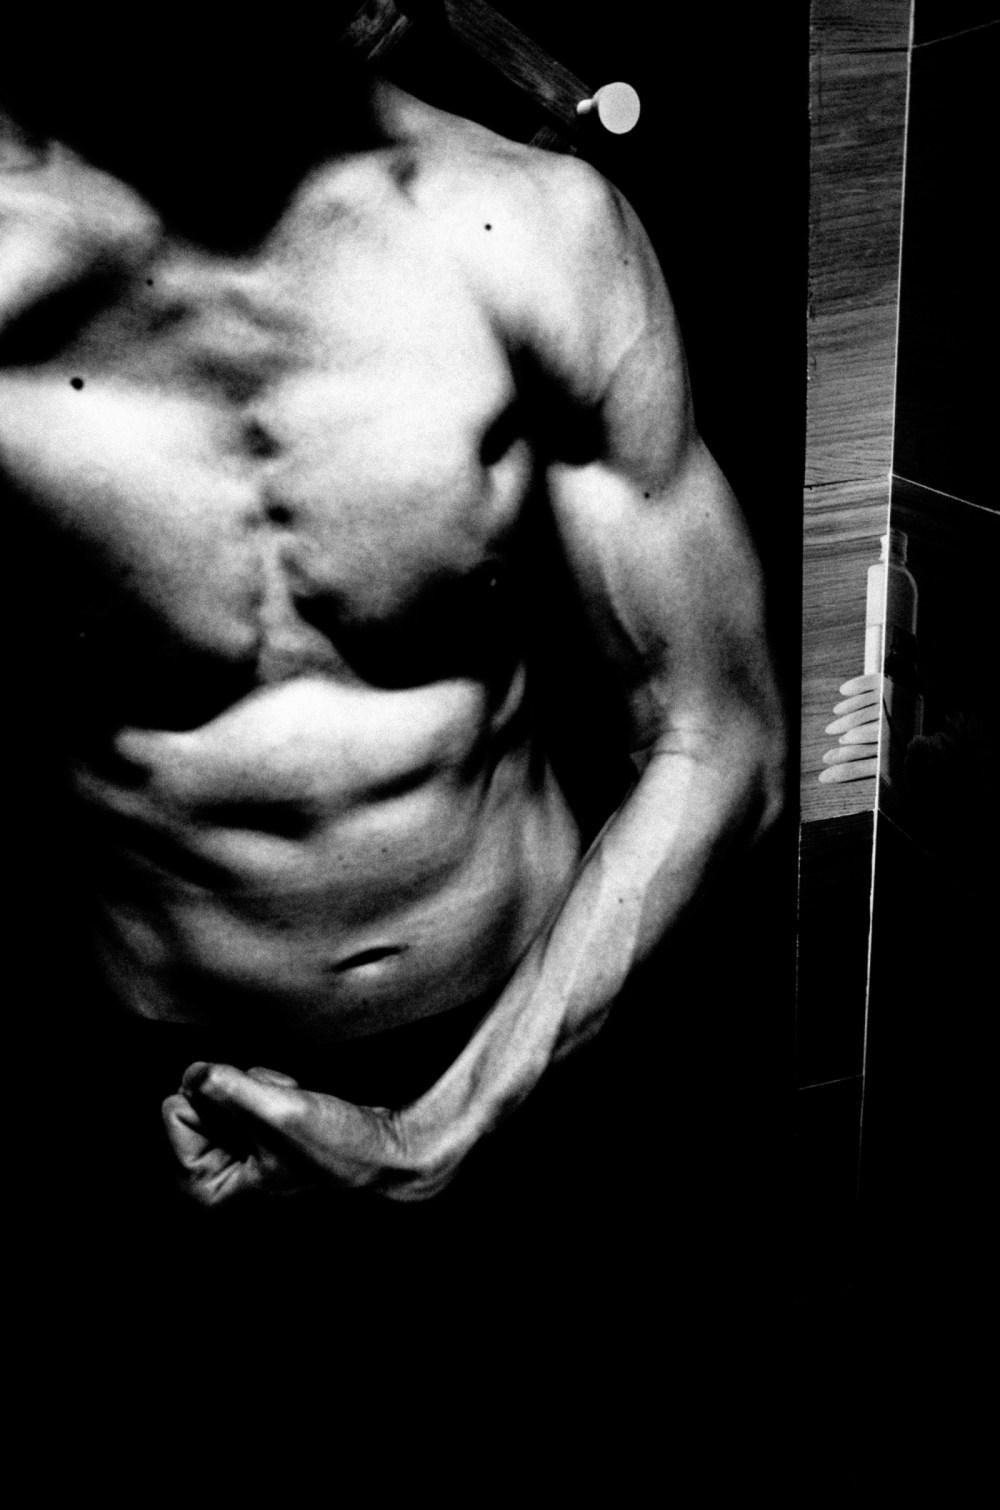 Eric kim muscle